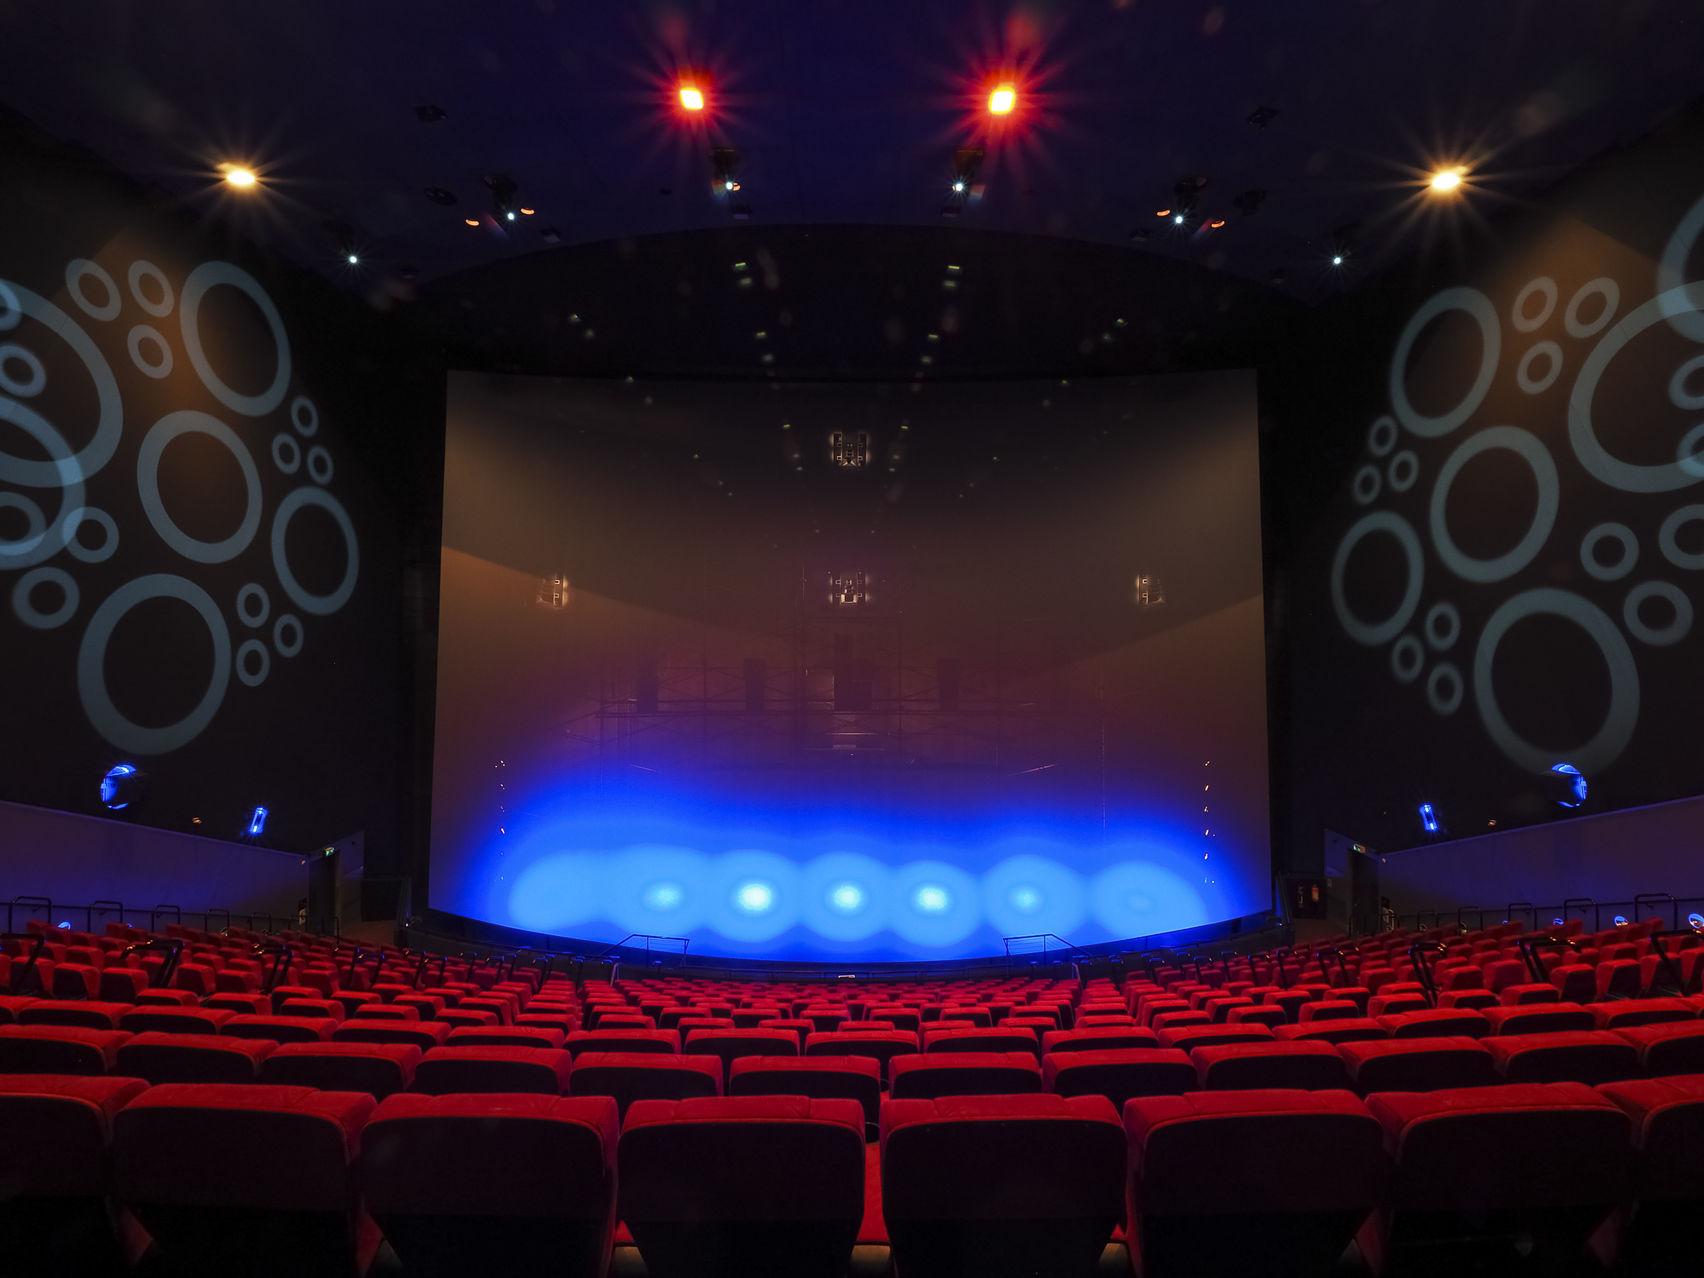 BFI IMAX, ODEON